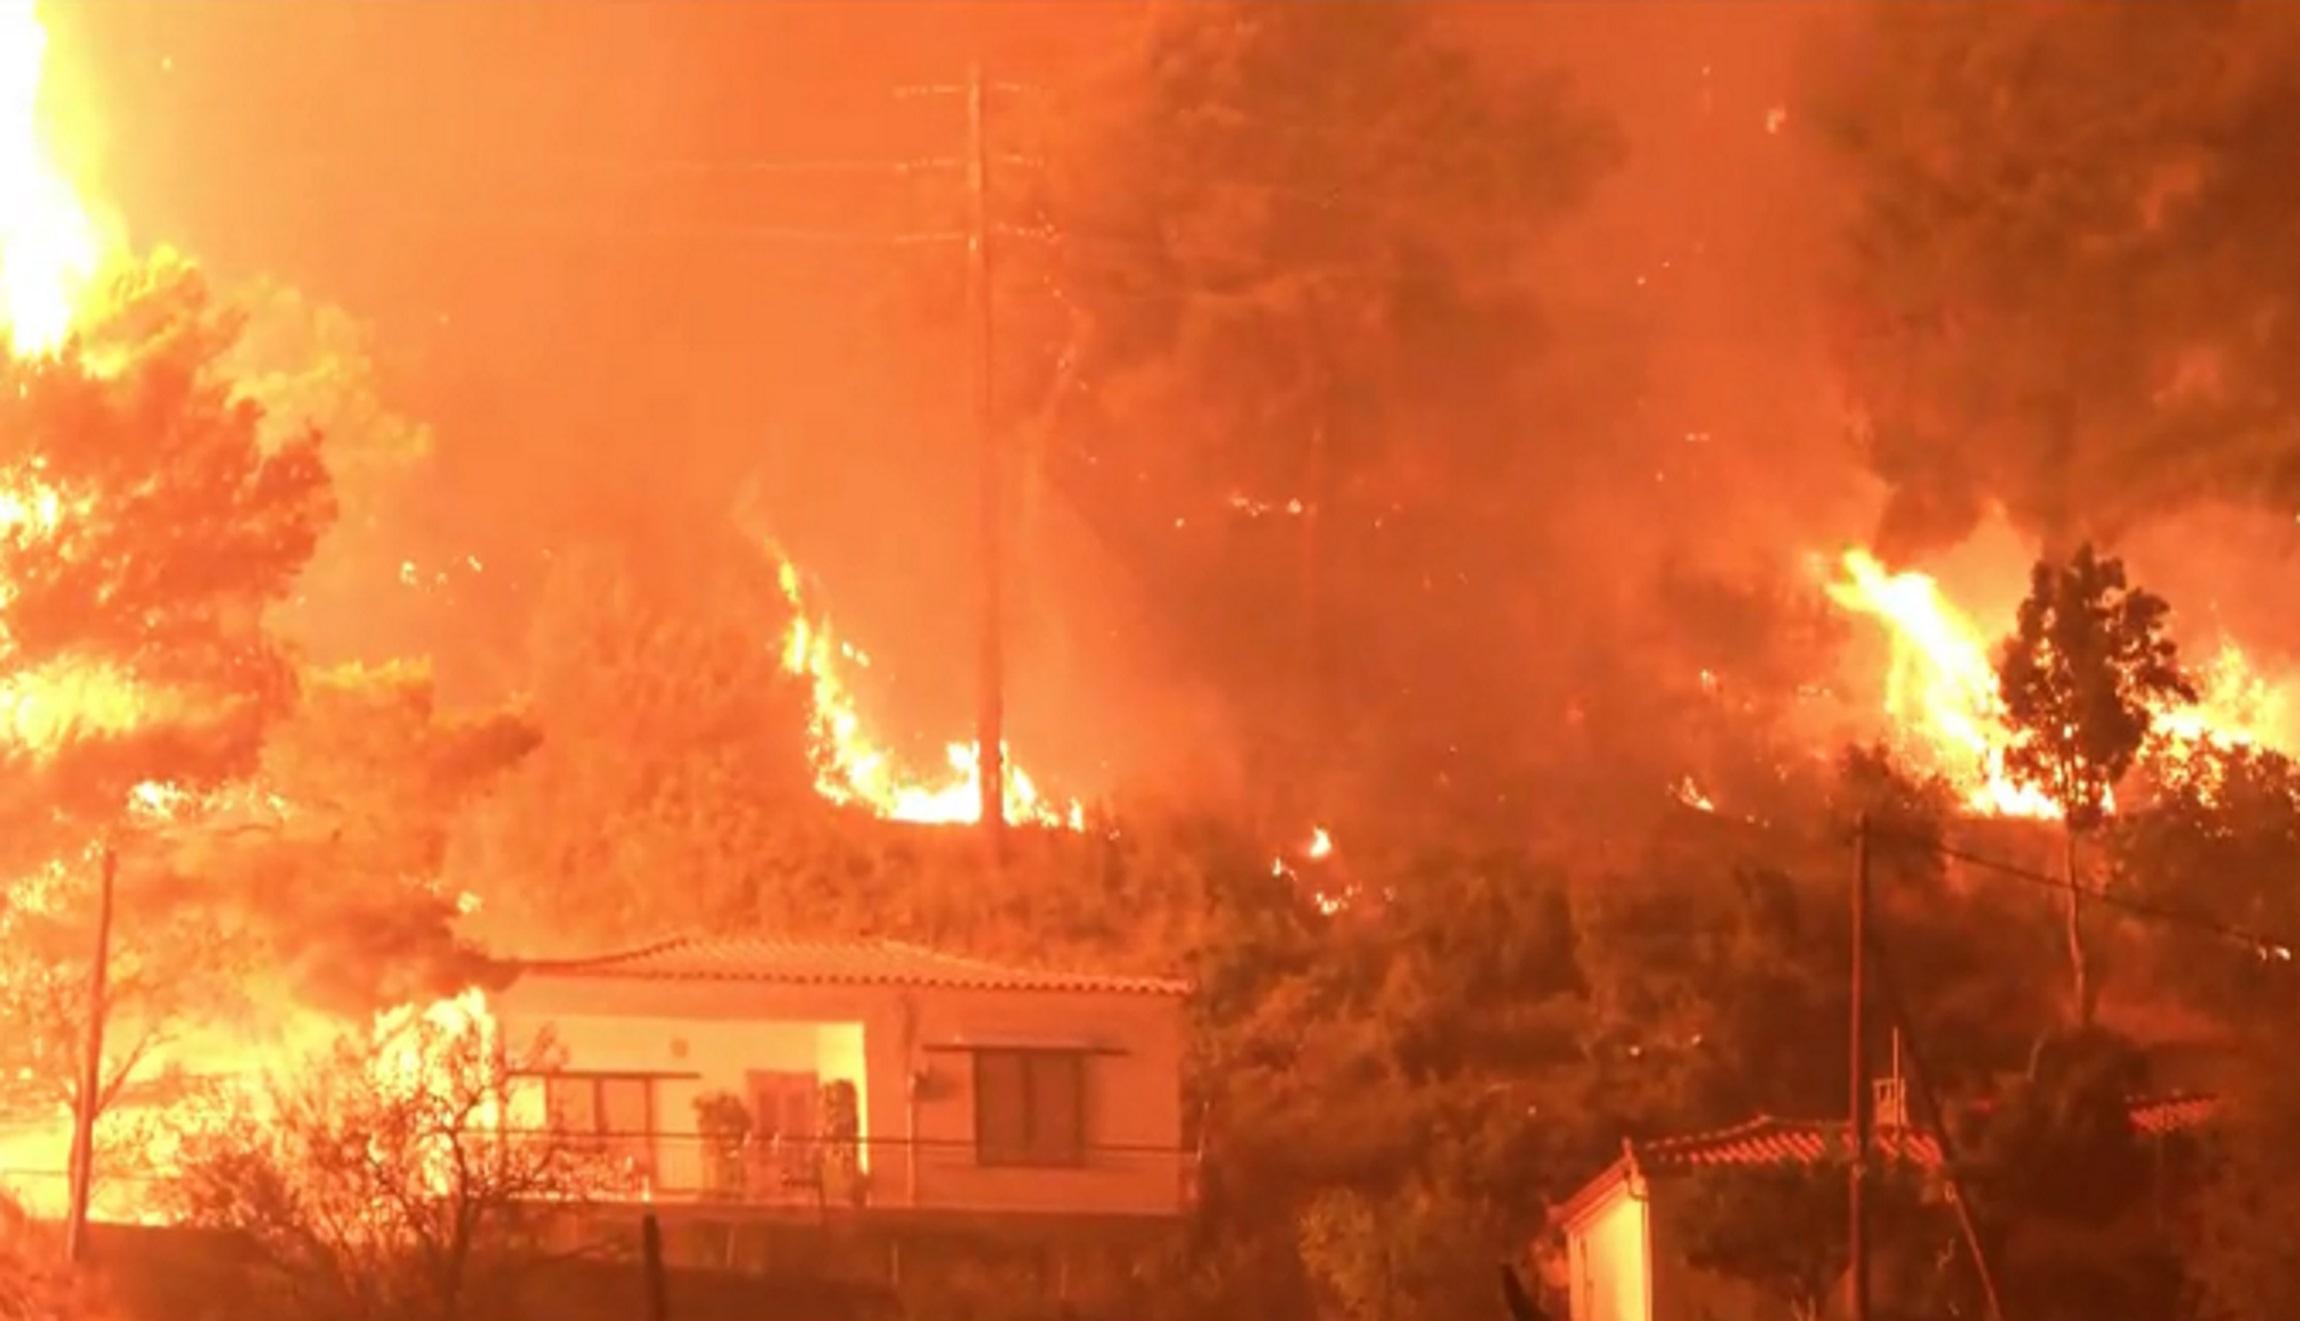 Φωτιά στην Εύβοια: Καίγονται σπίτια στη λίμνη – Αποκαρδιωτικές εικόνες